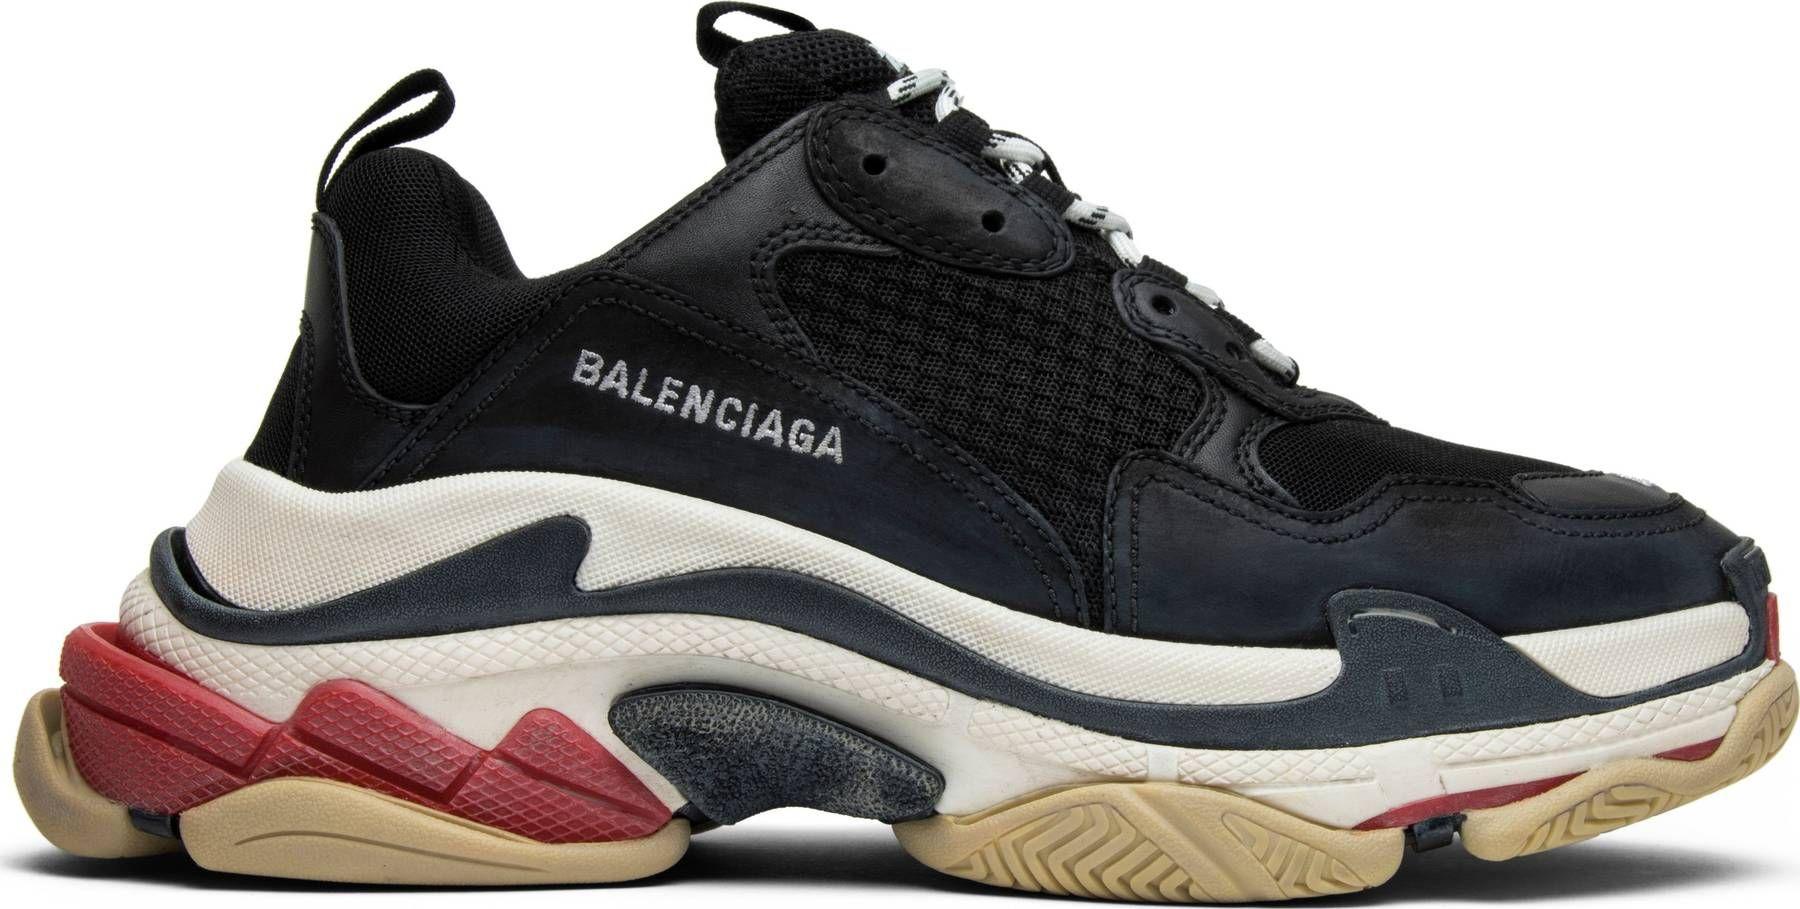 Sneakers | Sneakers, Leather sneakers